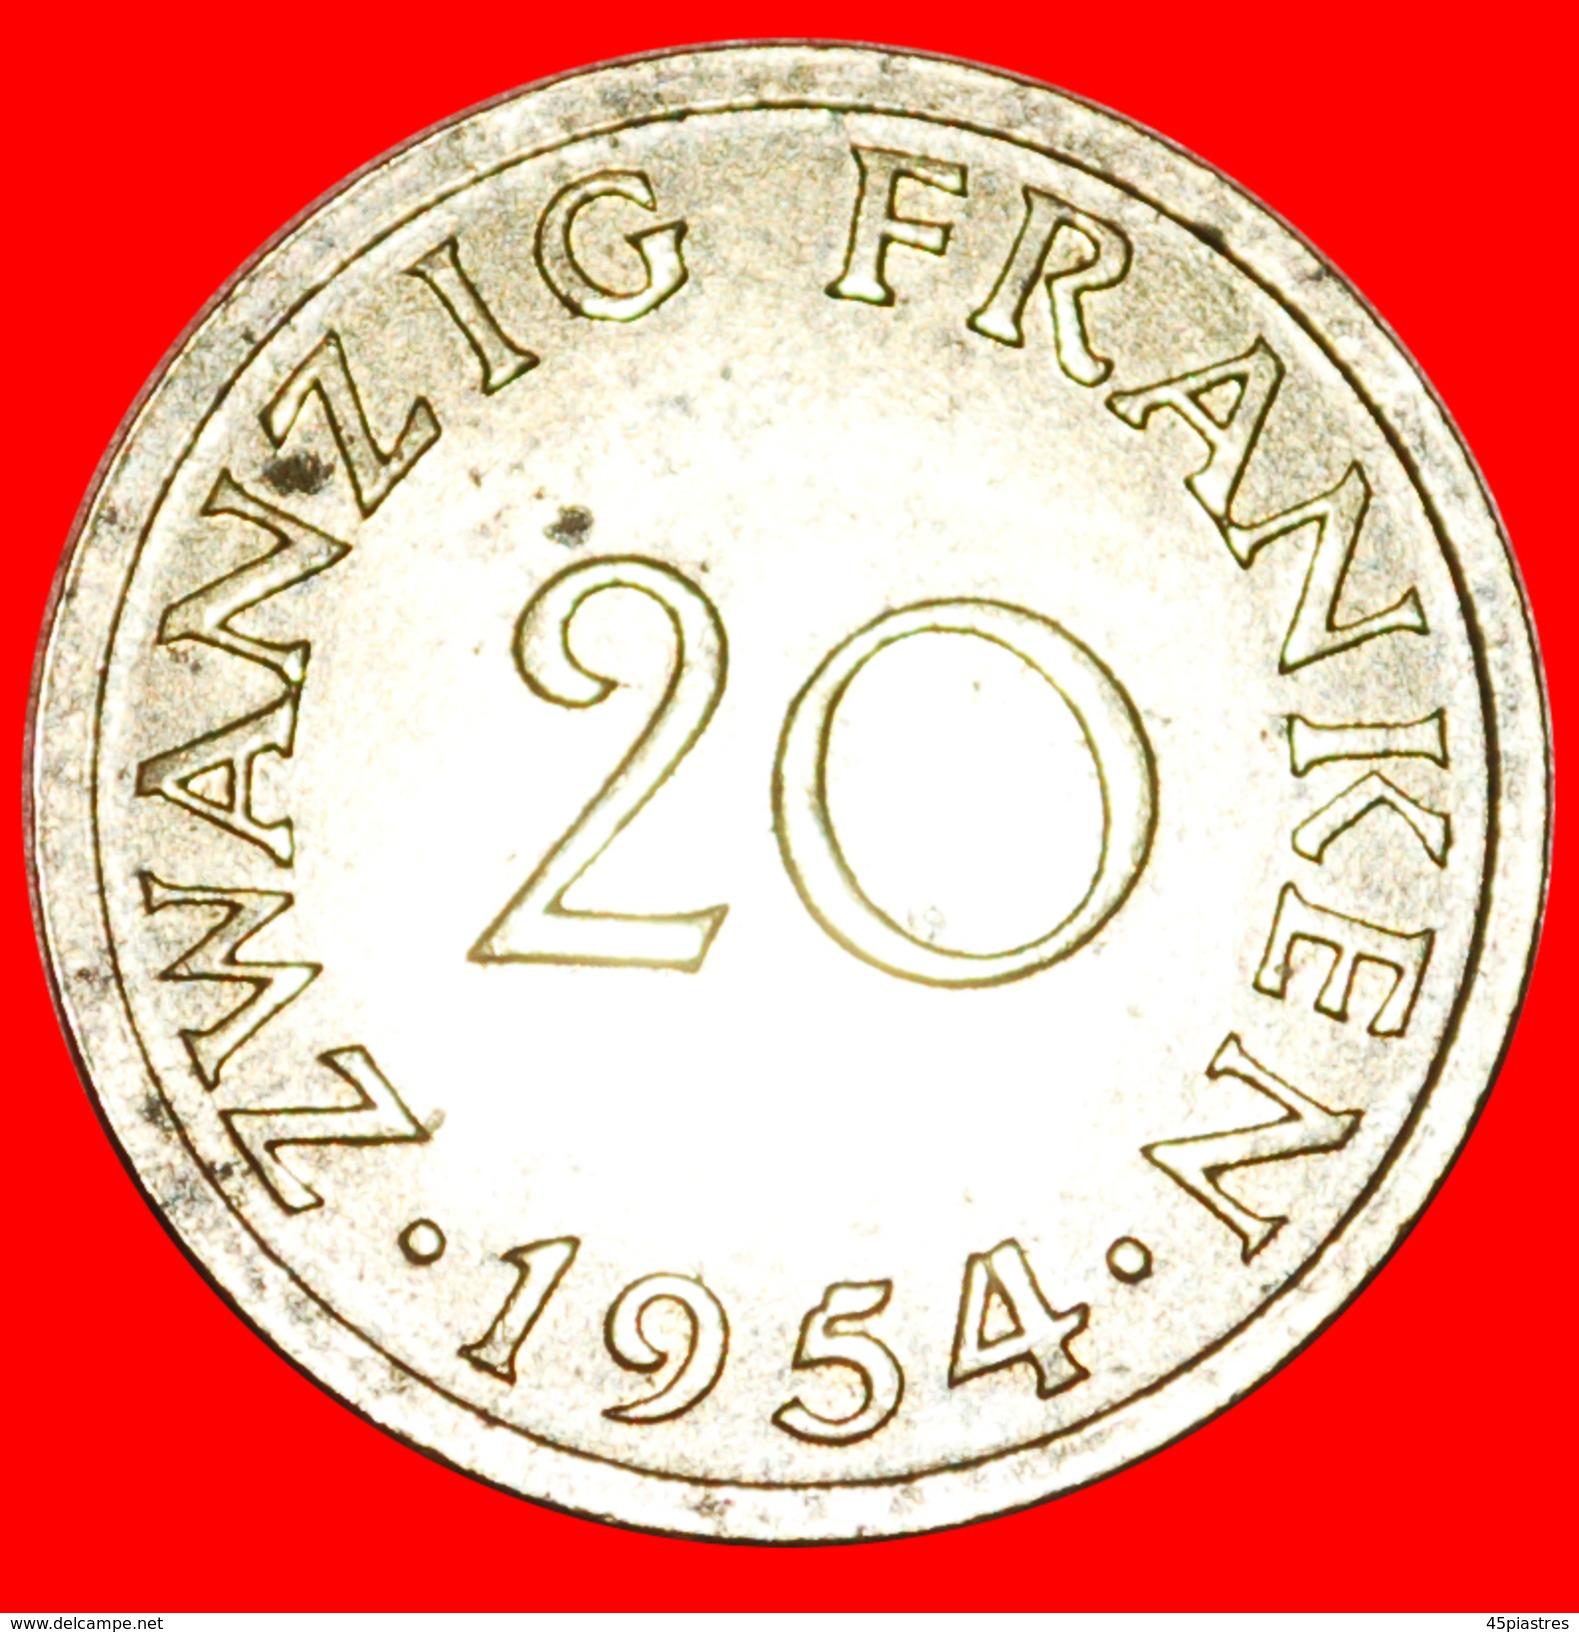 § FRANCE: SAAR ★ 20 FRANCS 1954! LOW START★ NO RESERVE! - Saar